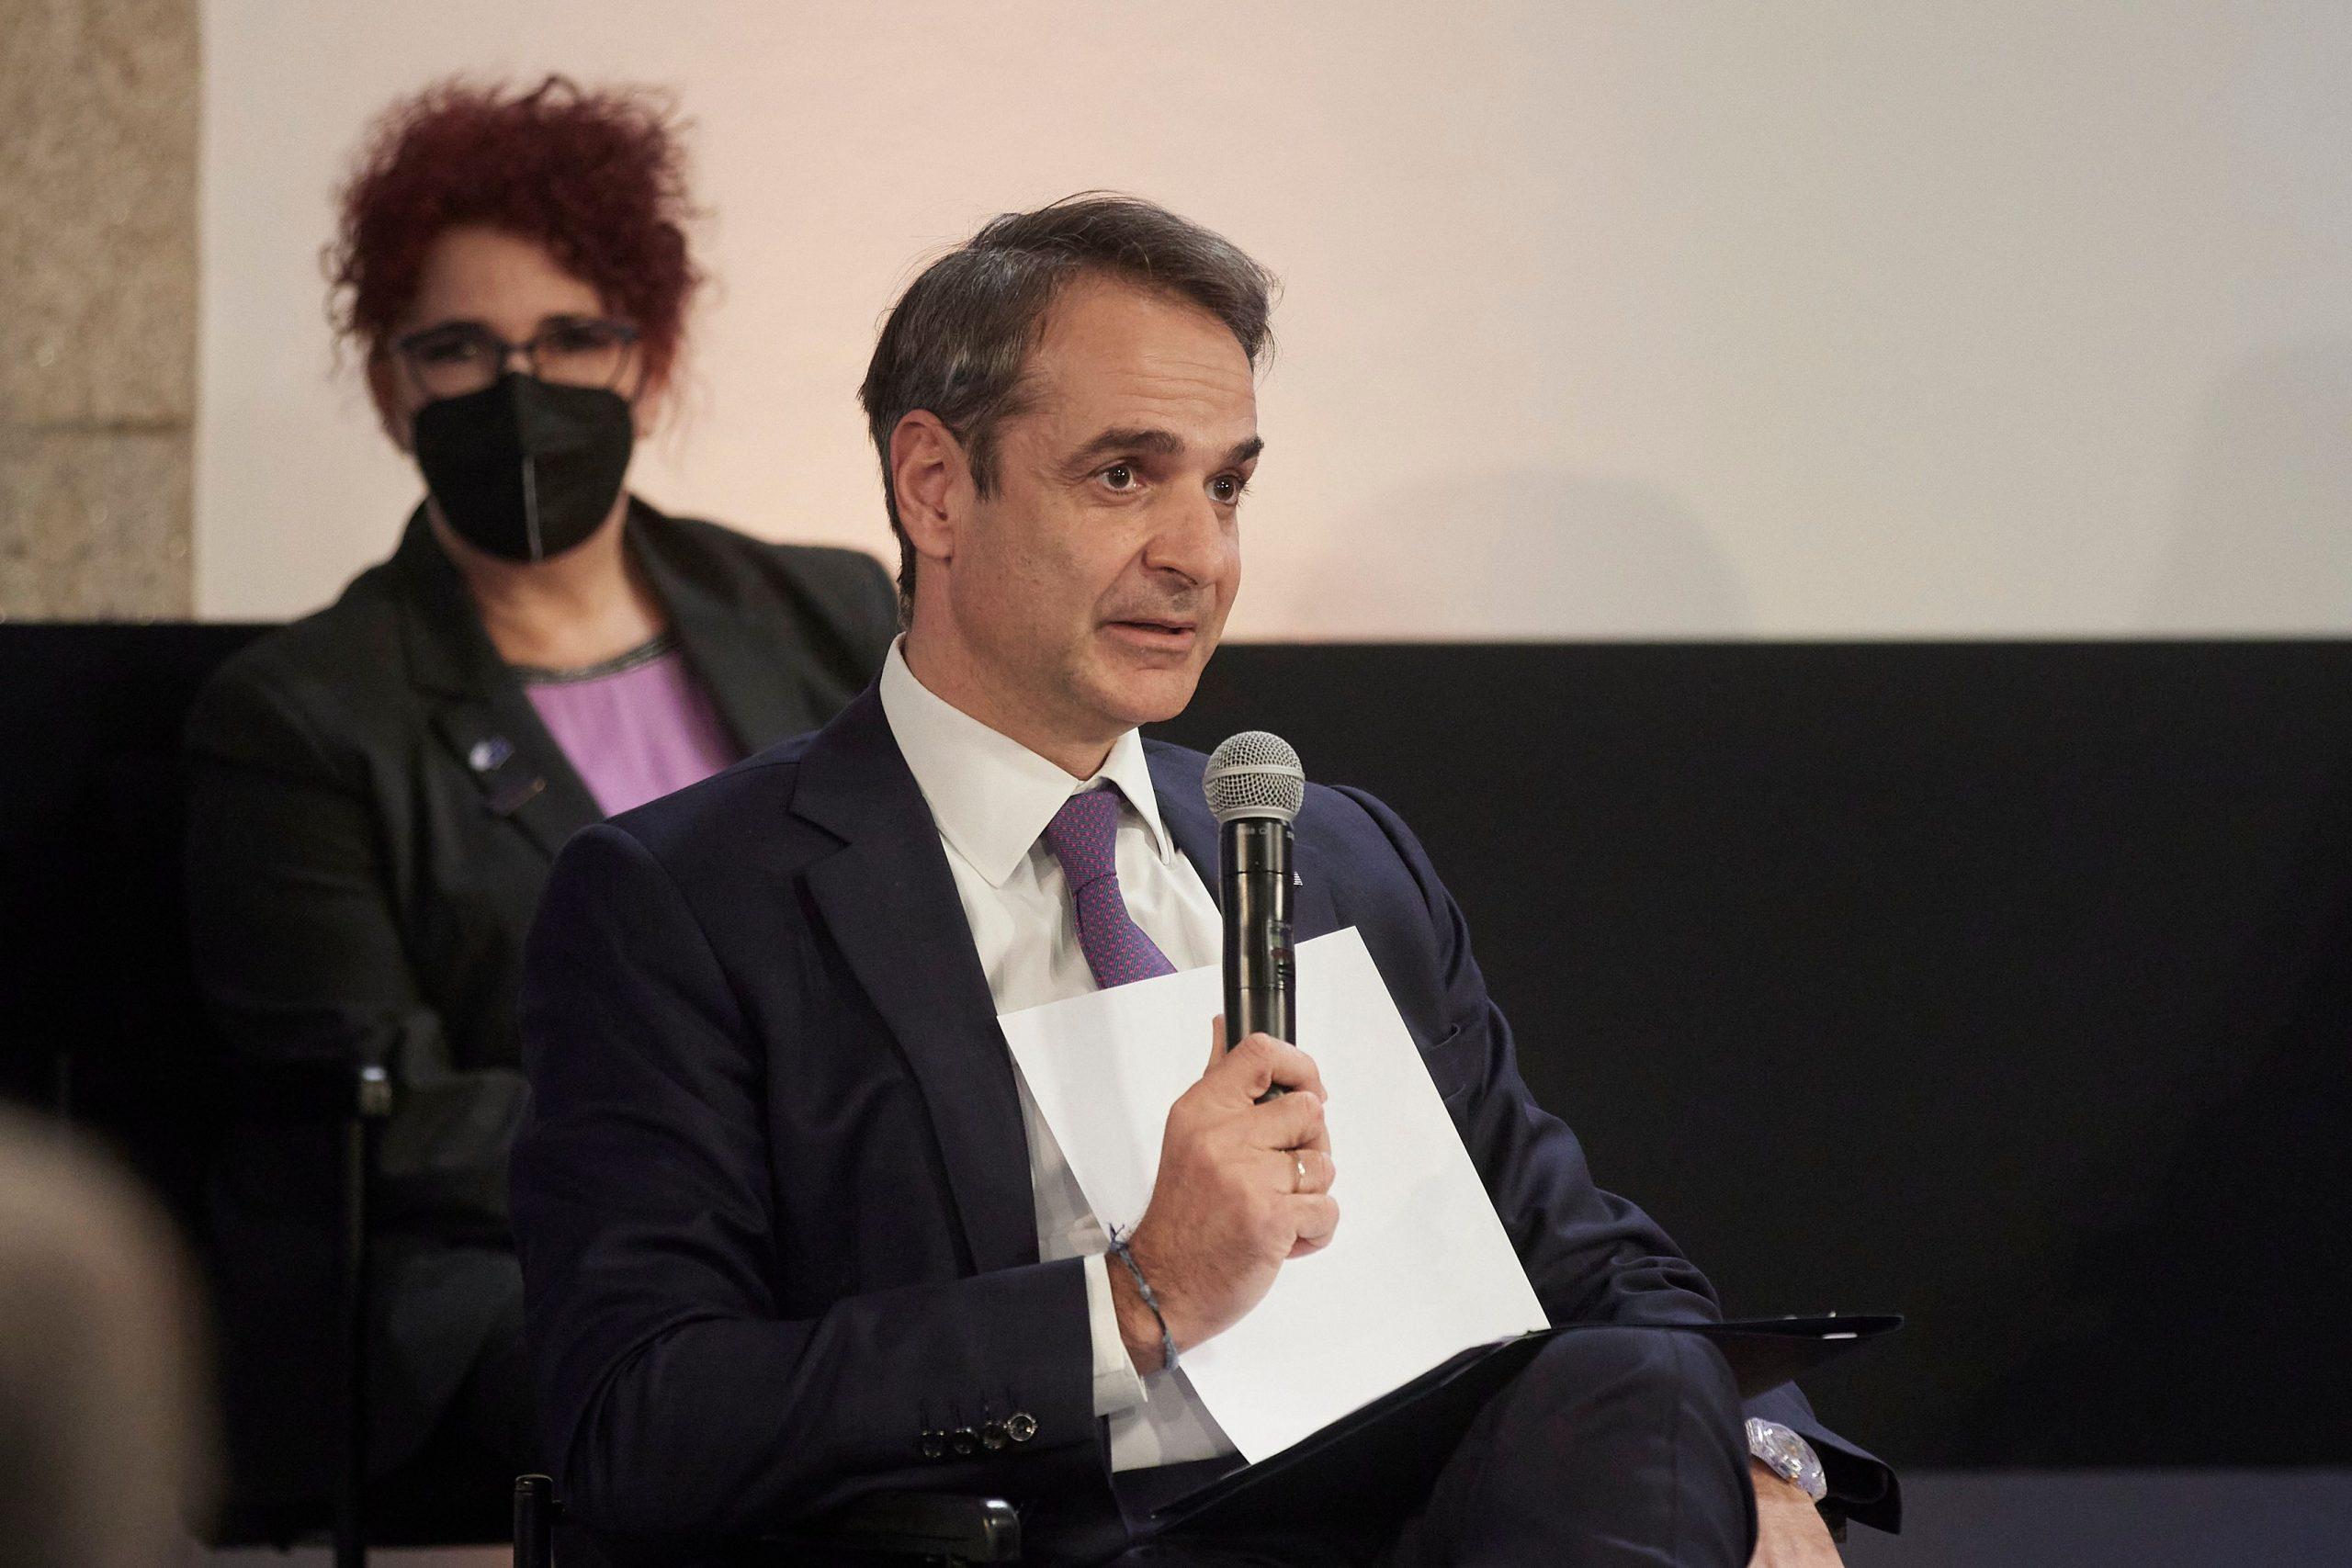 Κυρ. Μητσοτάκης στην Κοινωνική Σύνοδο της ΕΕ: Νέες θέσεις εργασίας θα προέλθουν από τις επενδύσεις μετά την περίοδο της πανδημίας